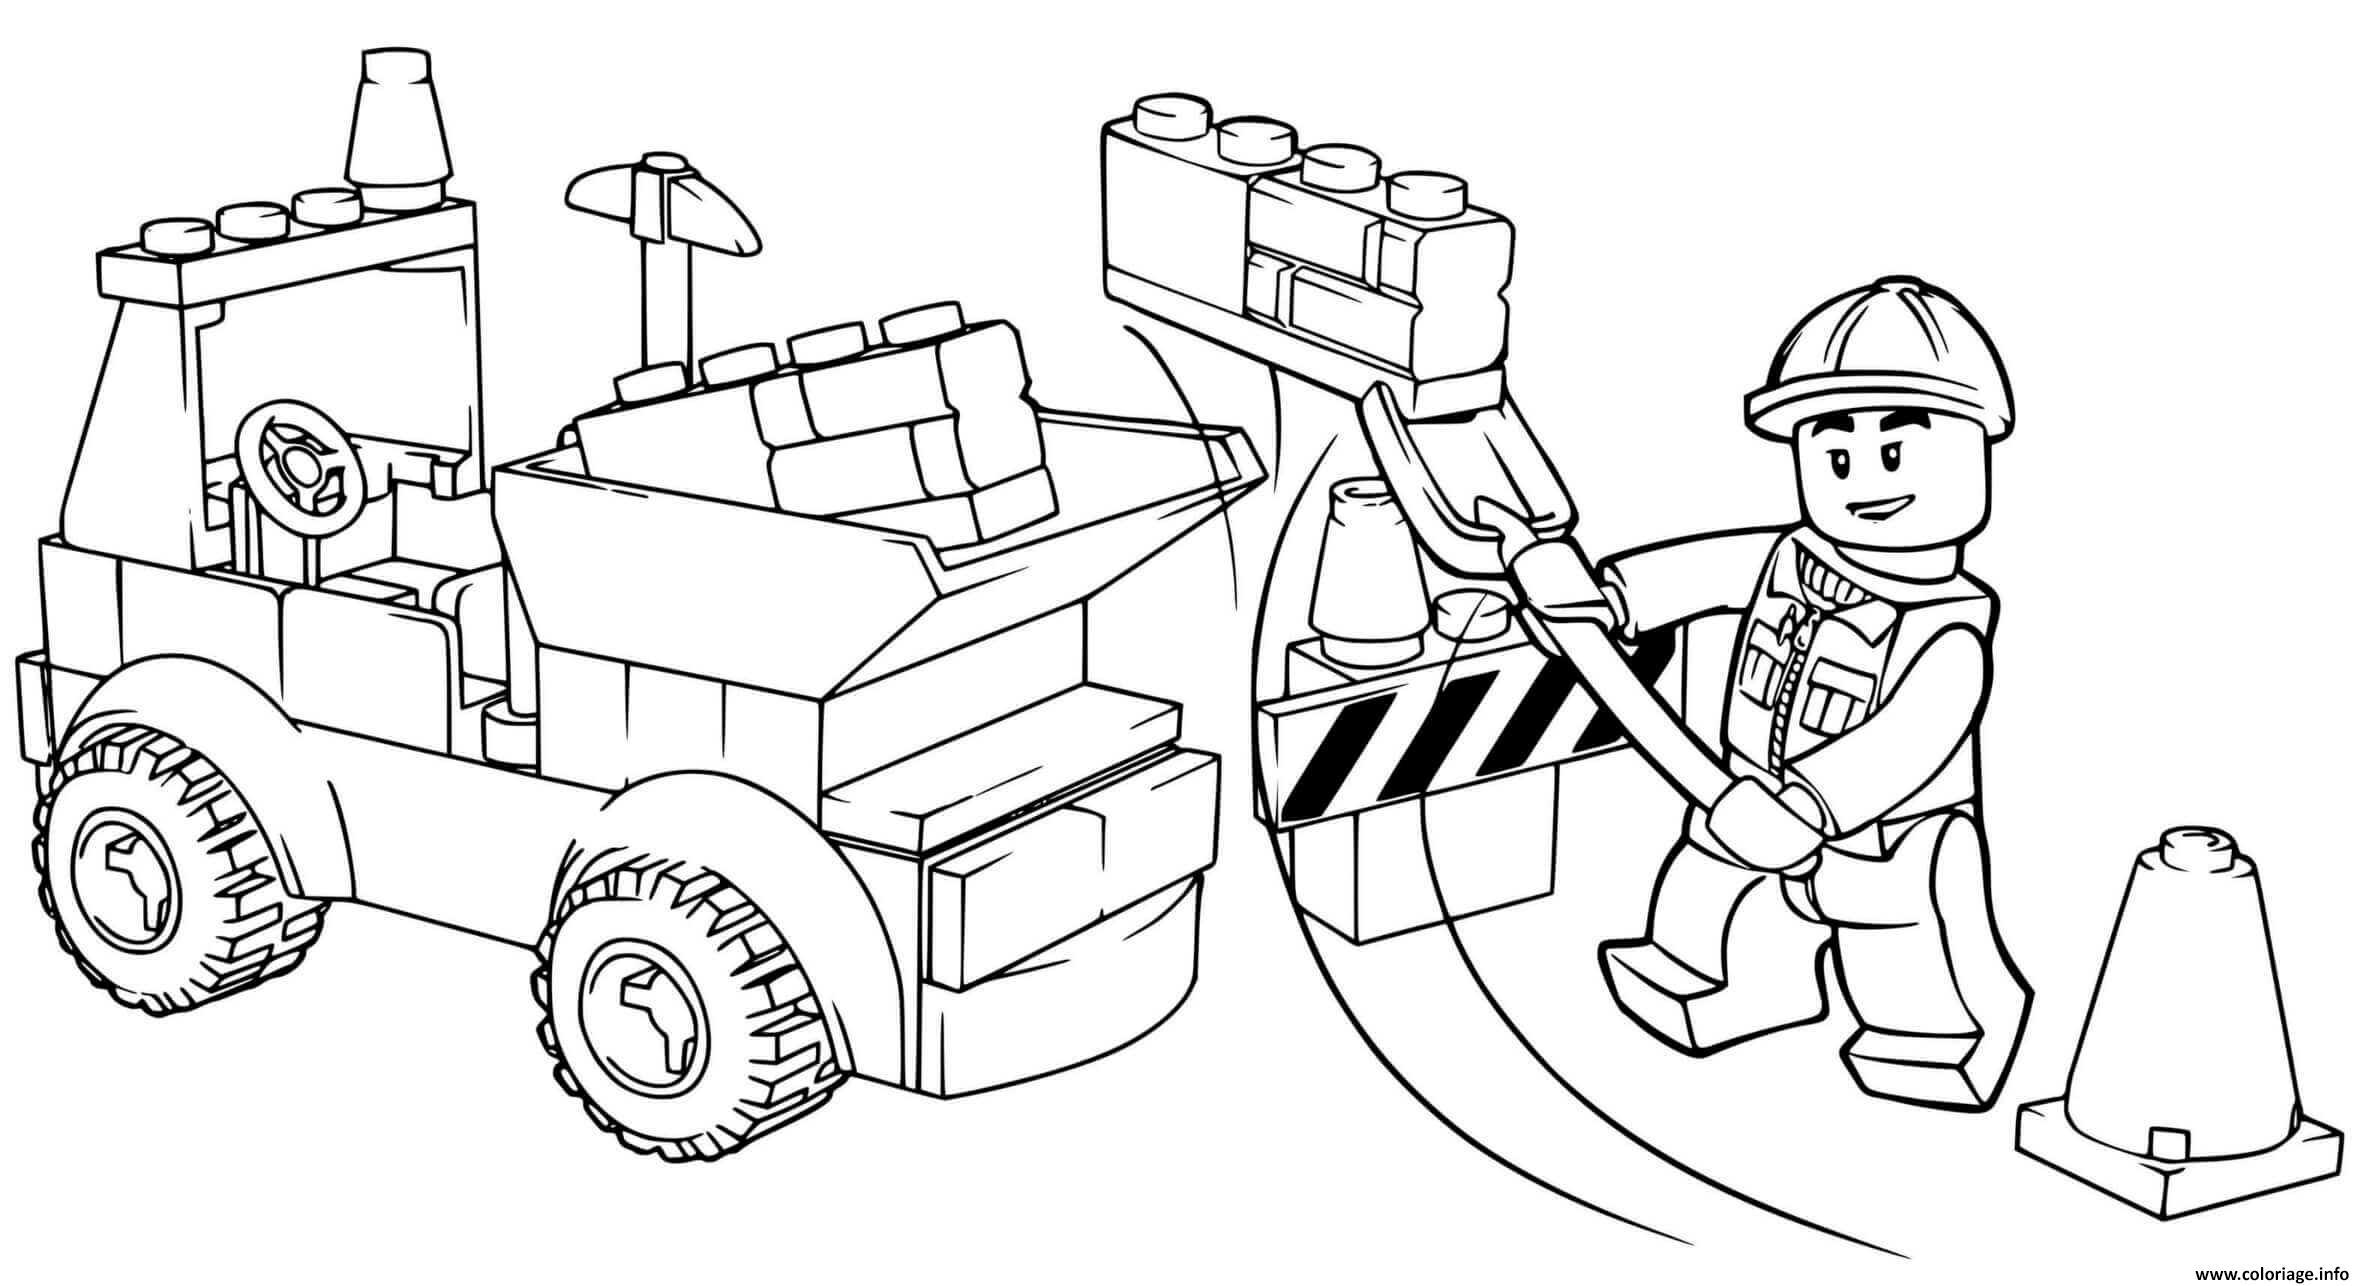 Dessin chantier construction lego junior dump truck Coloriage Gratuit à Imprimer